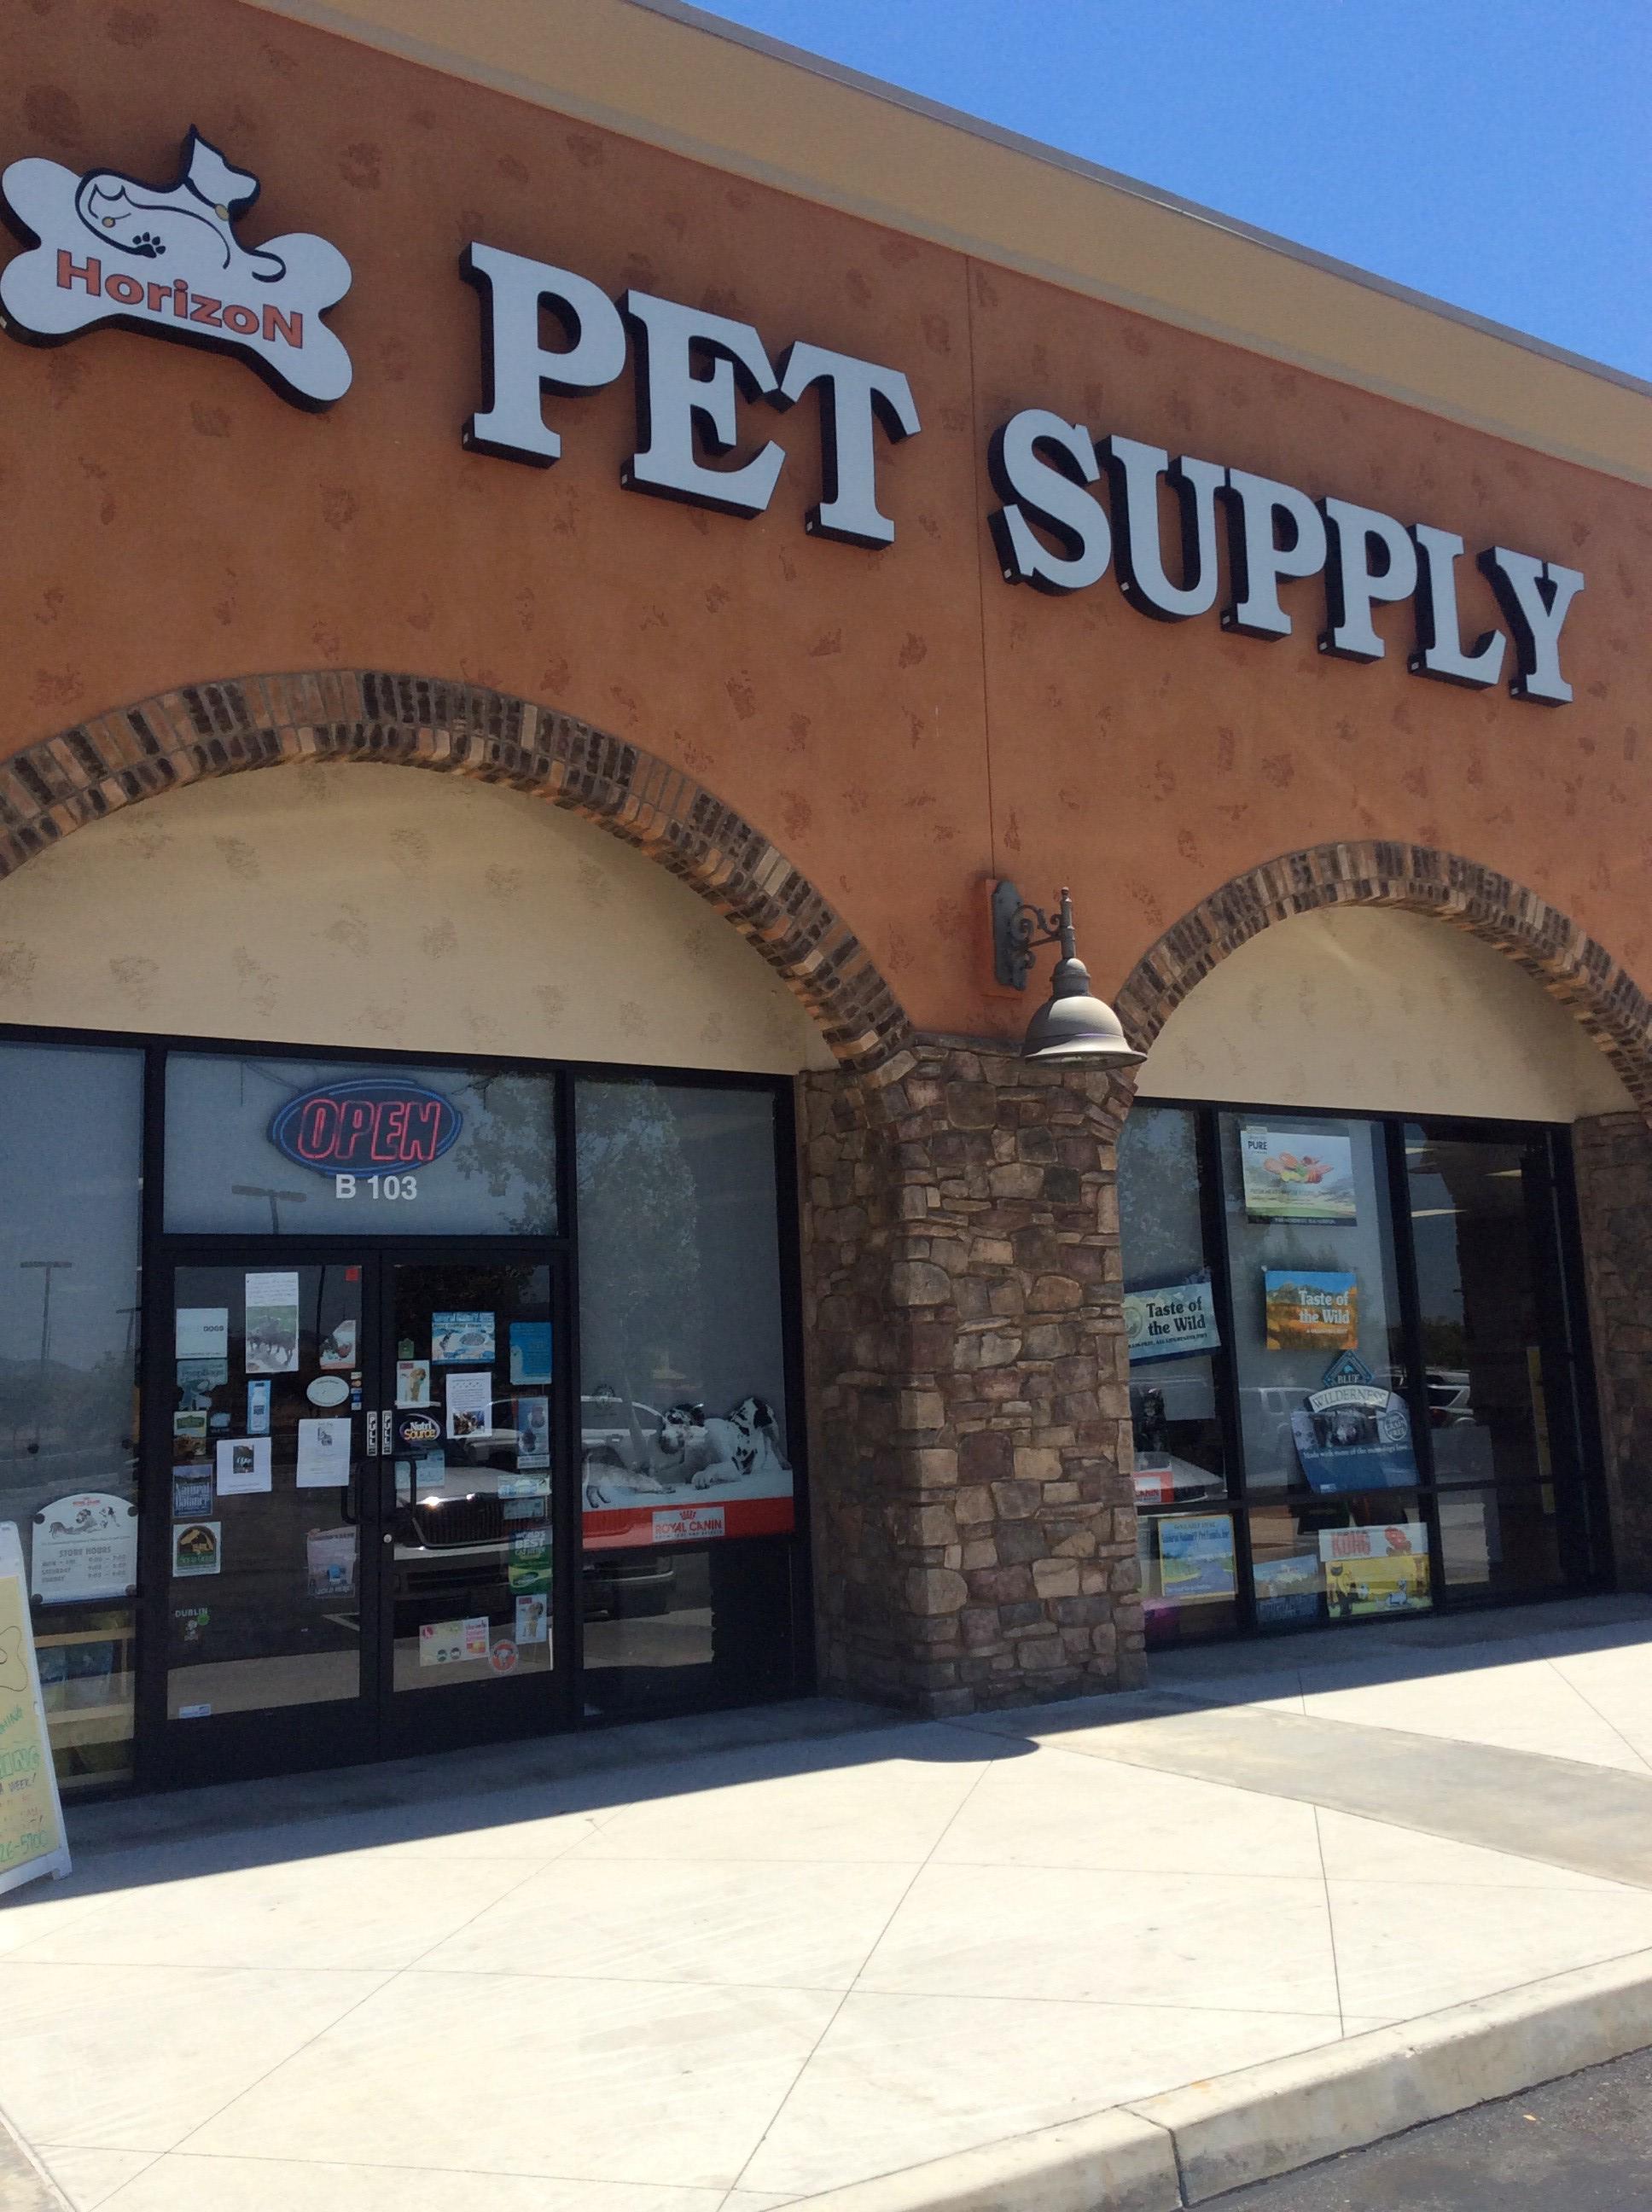 Horizon Pet Supply